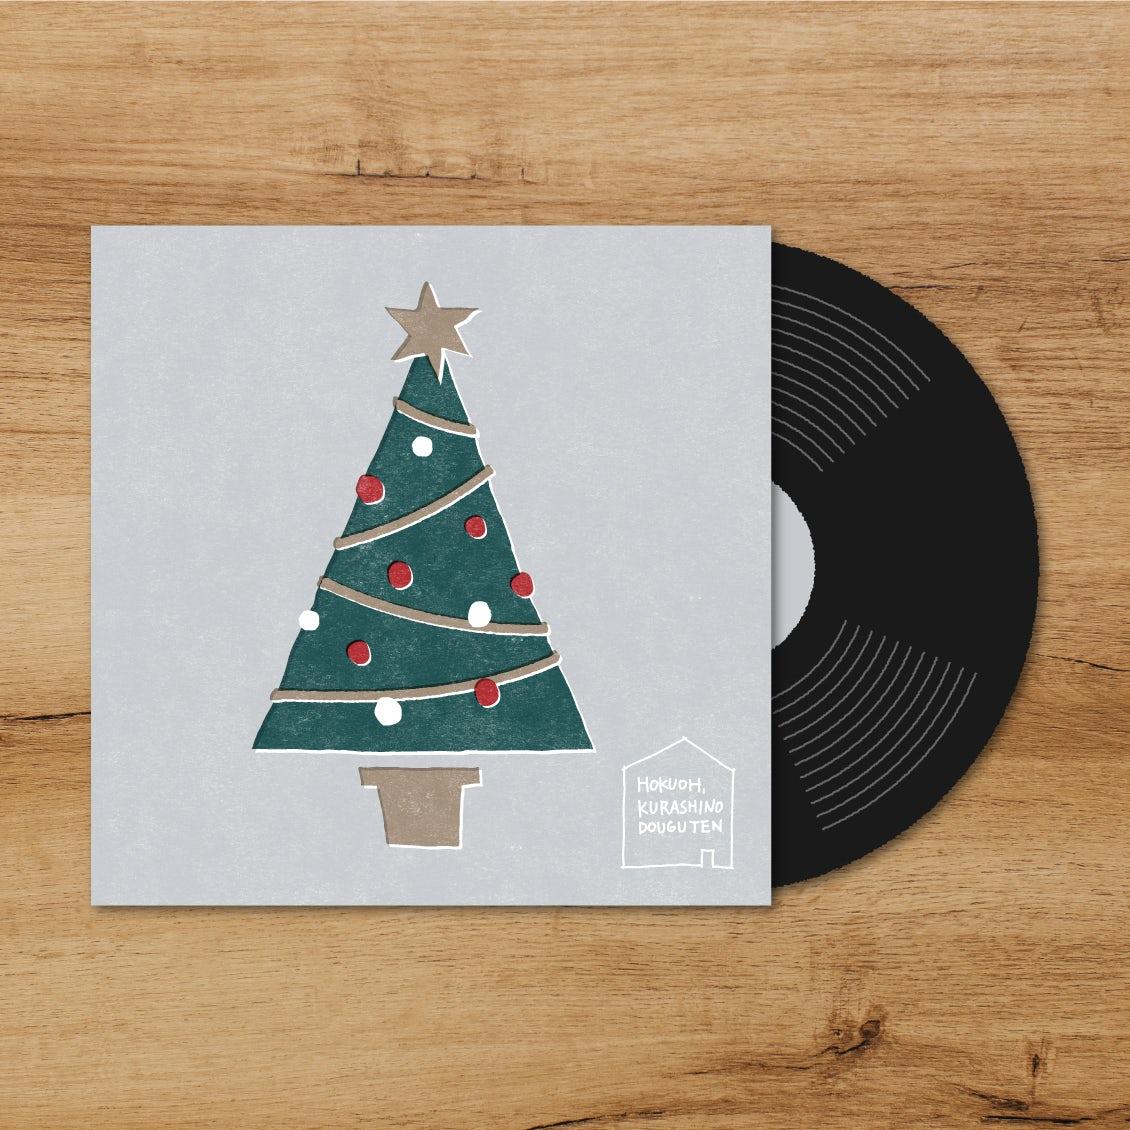 【日常に音楽を】クリスマスをもっと楽しむためのプレイリスト「クリスマスの夜に」を公開しました!